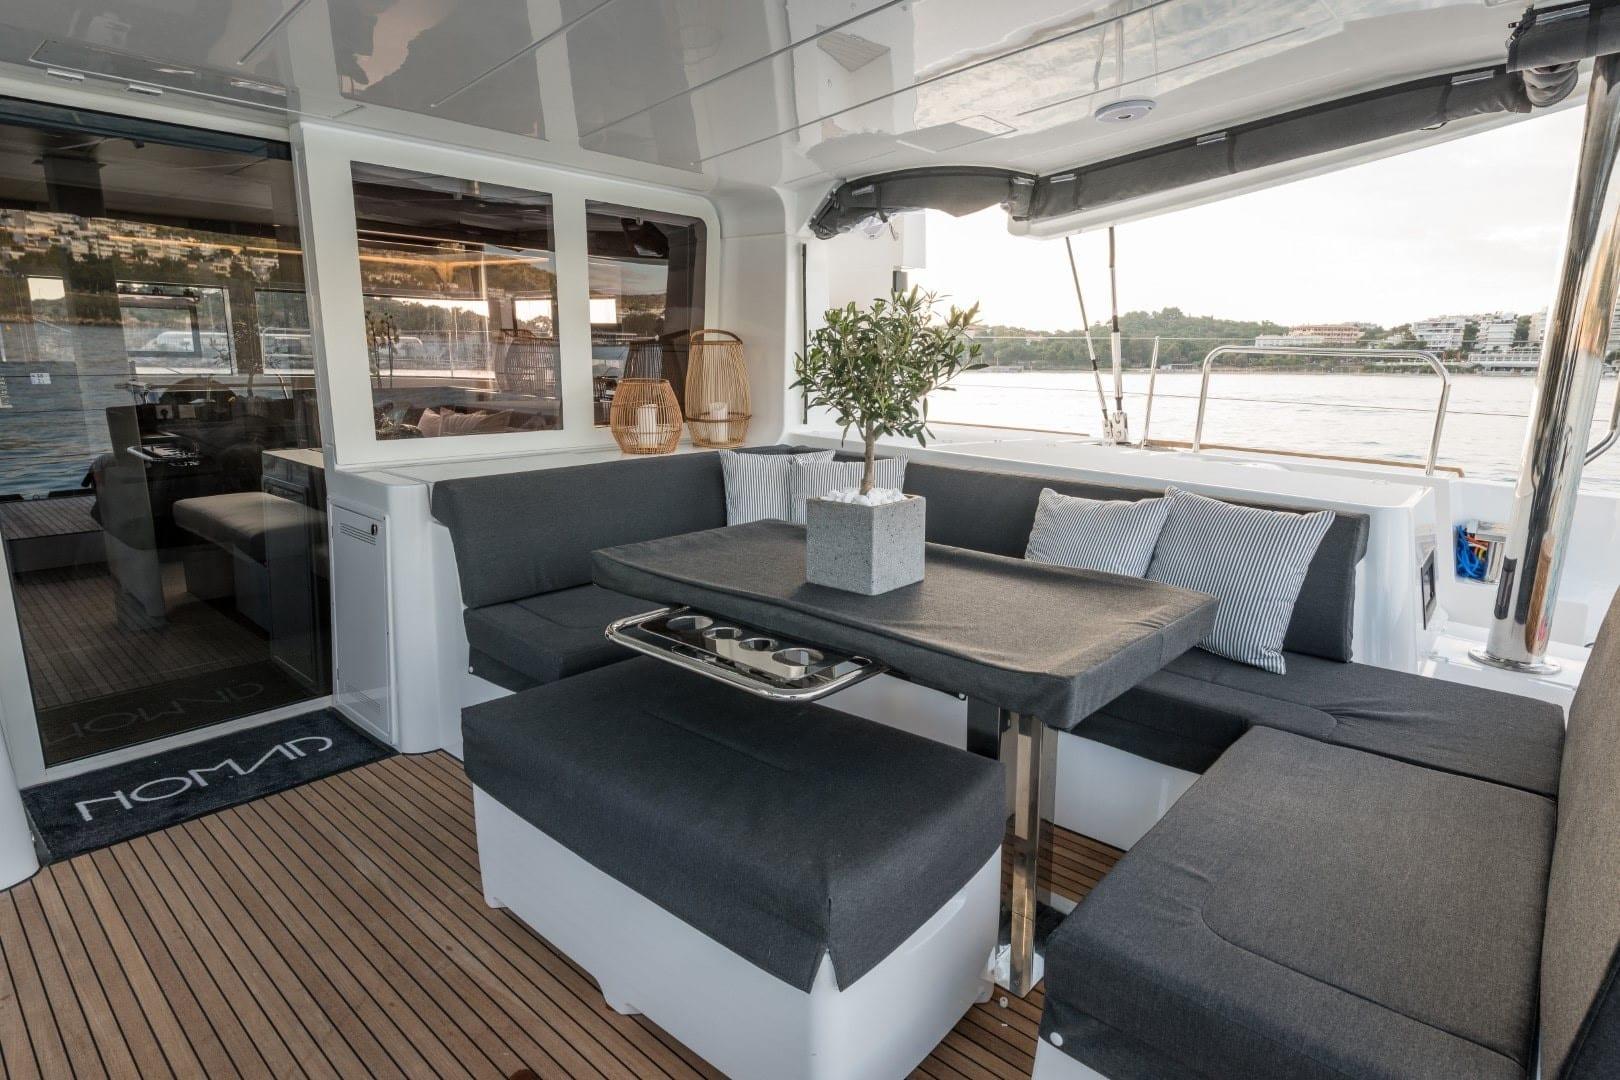 nomad-catamaran-exterior (6)